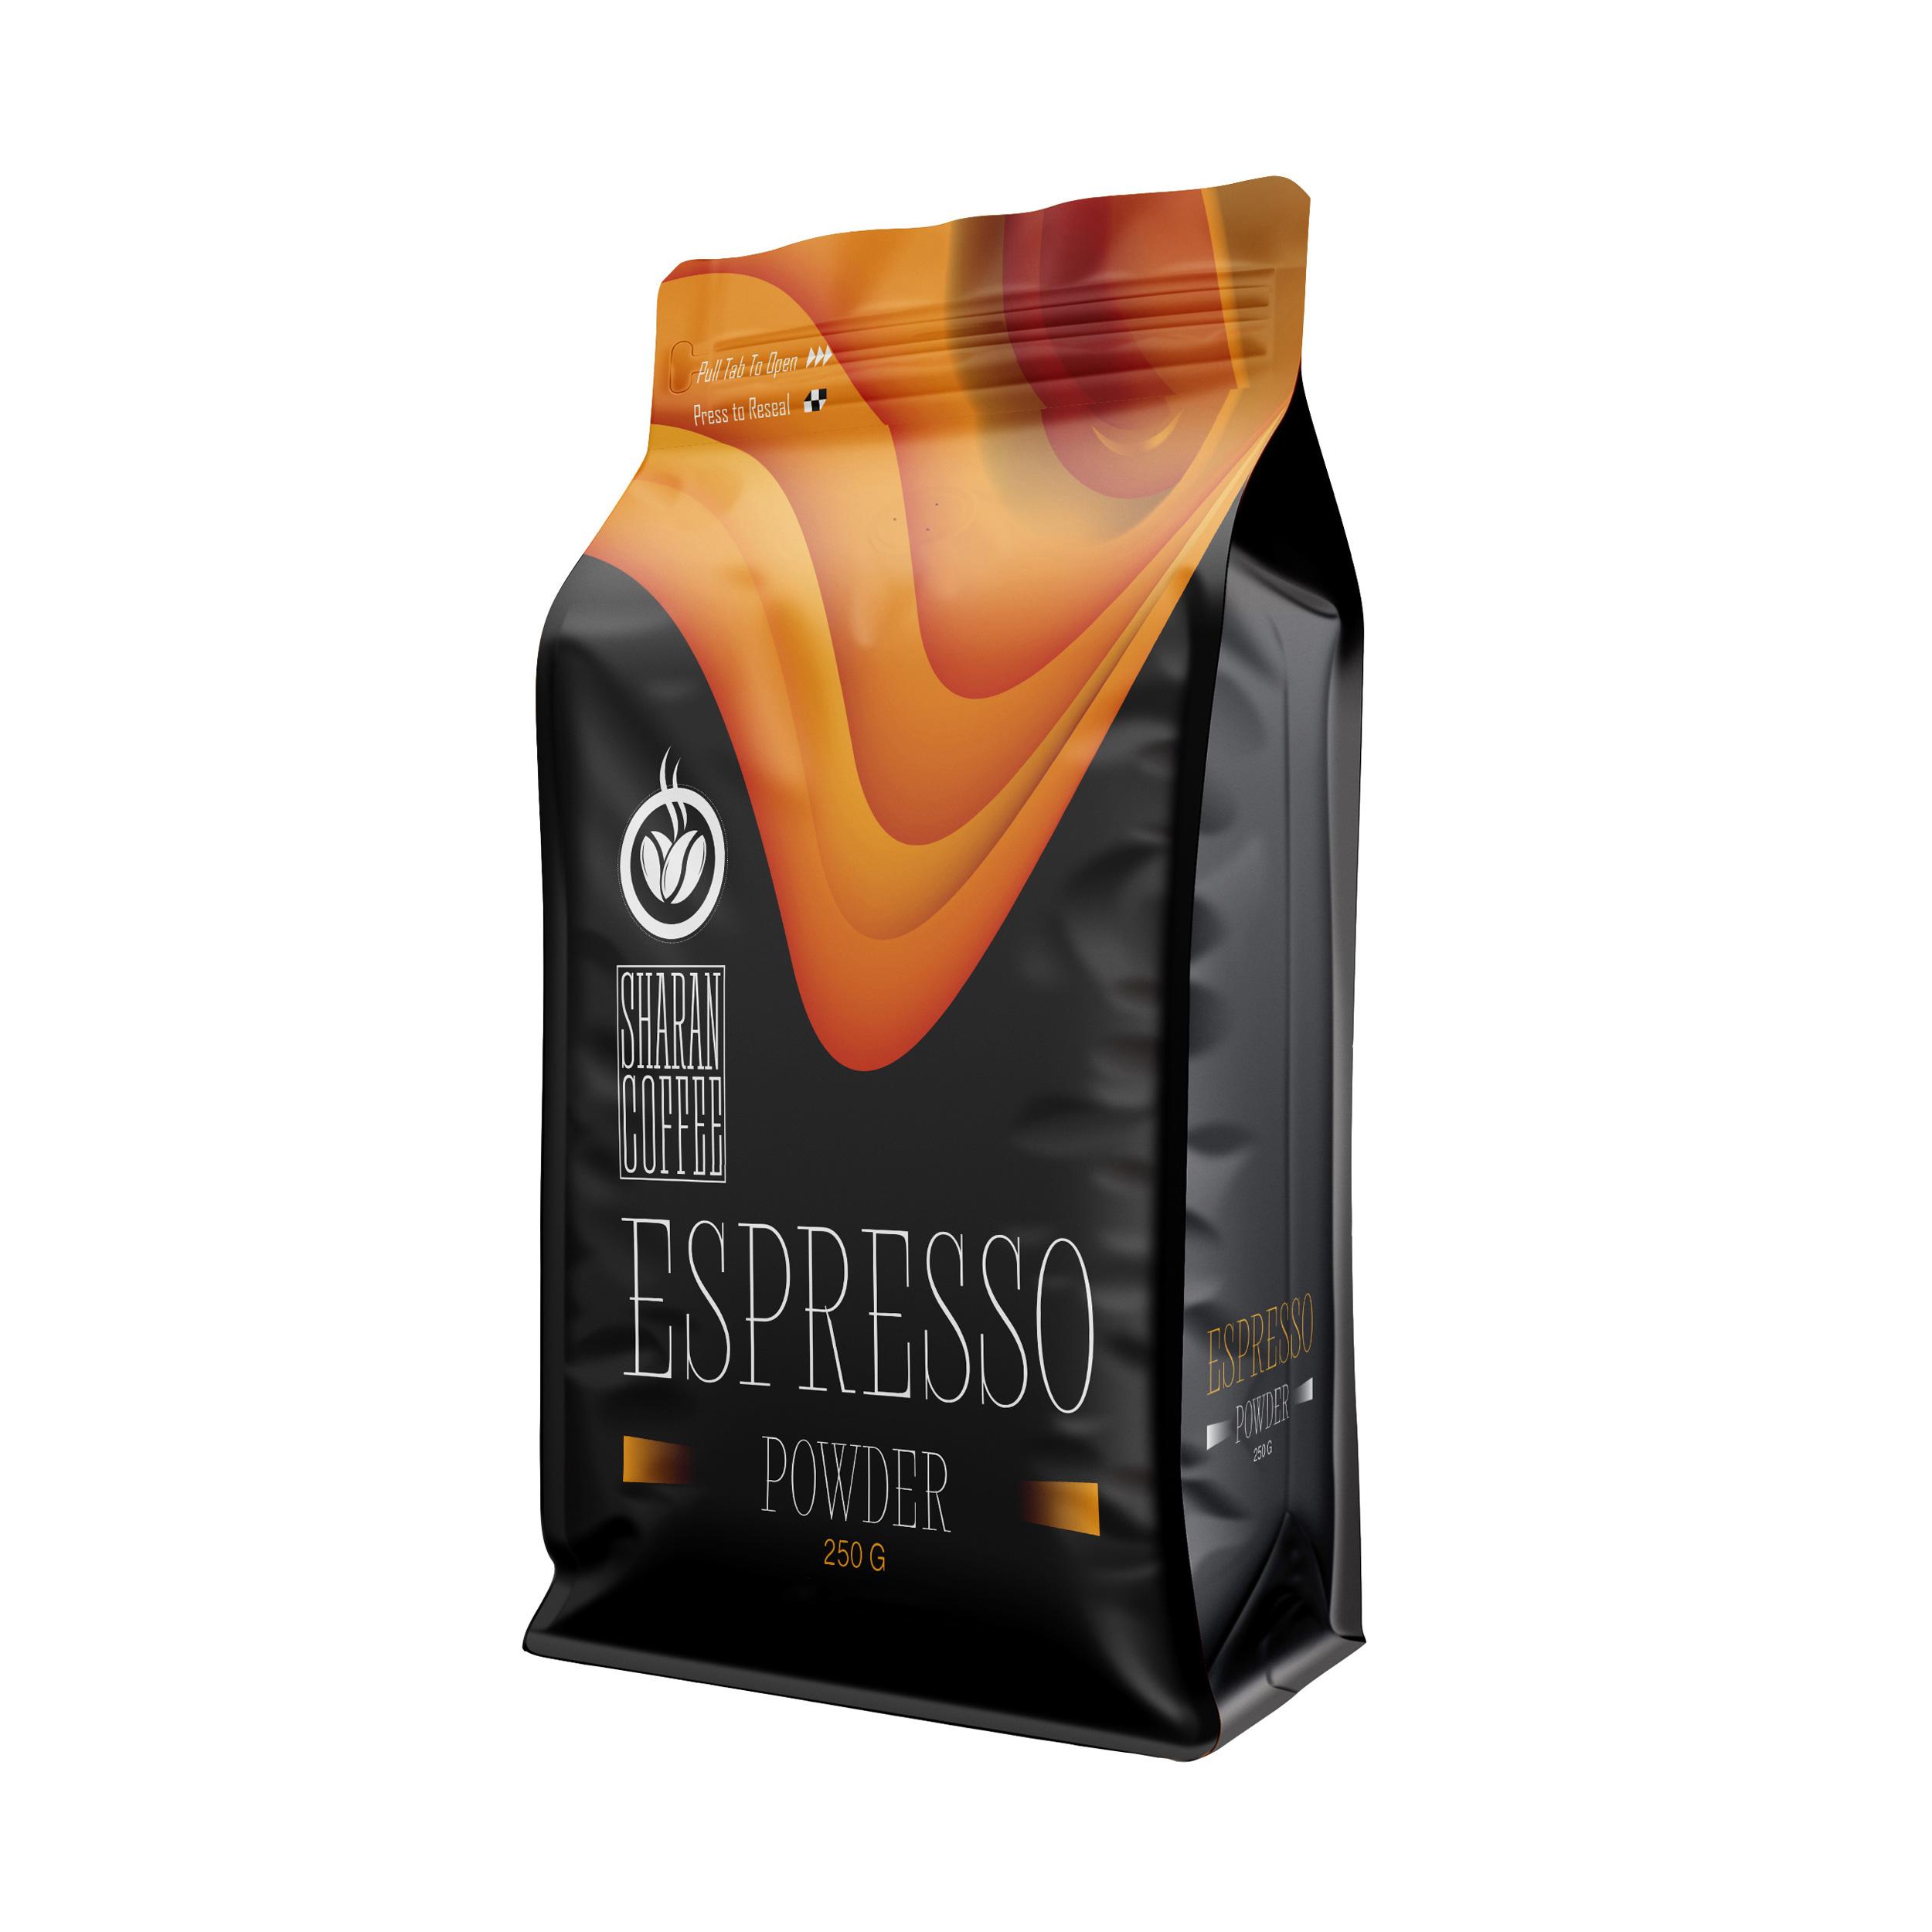 پودر قهوه اسپرسو ترکیبی بمب انرژی شاران - 250 گرم